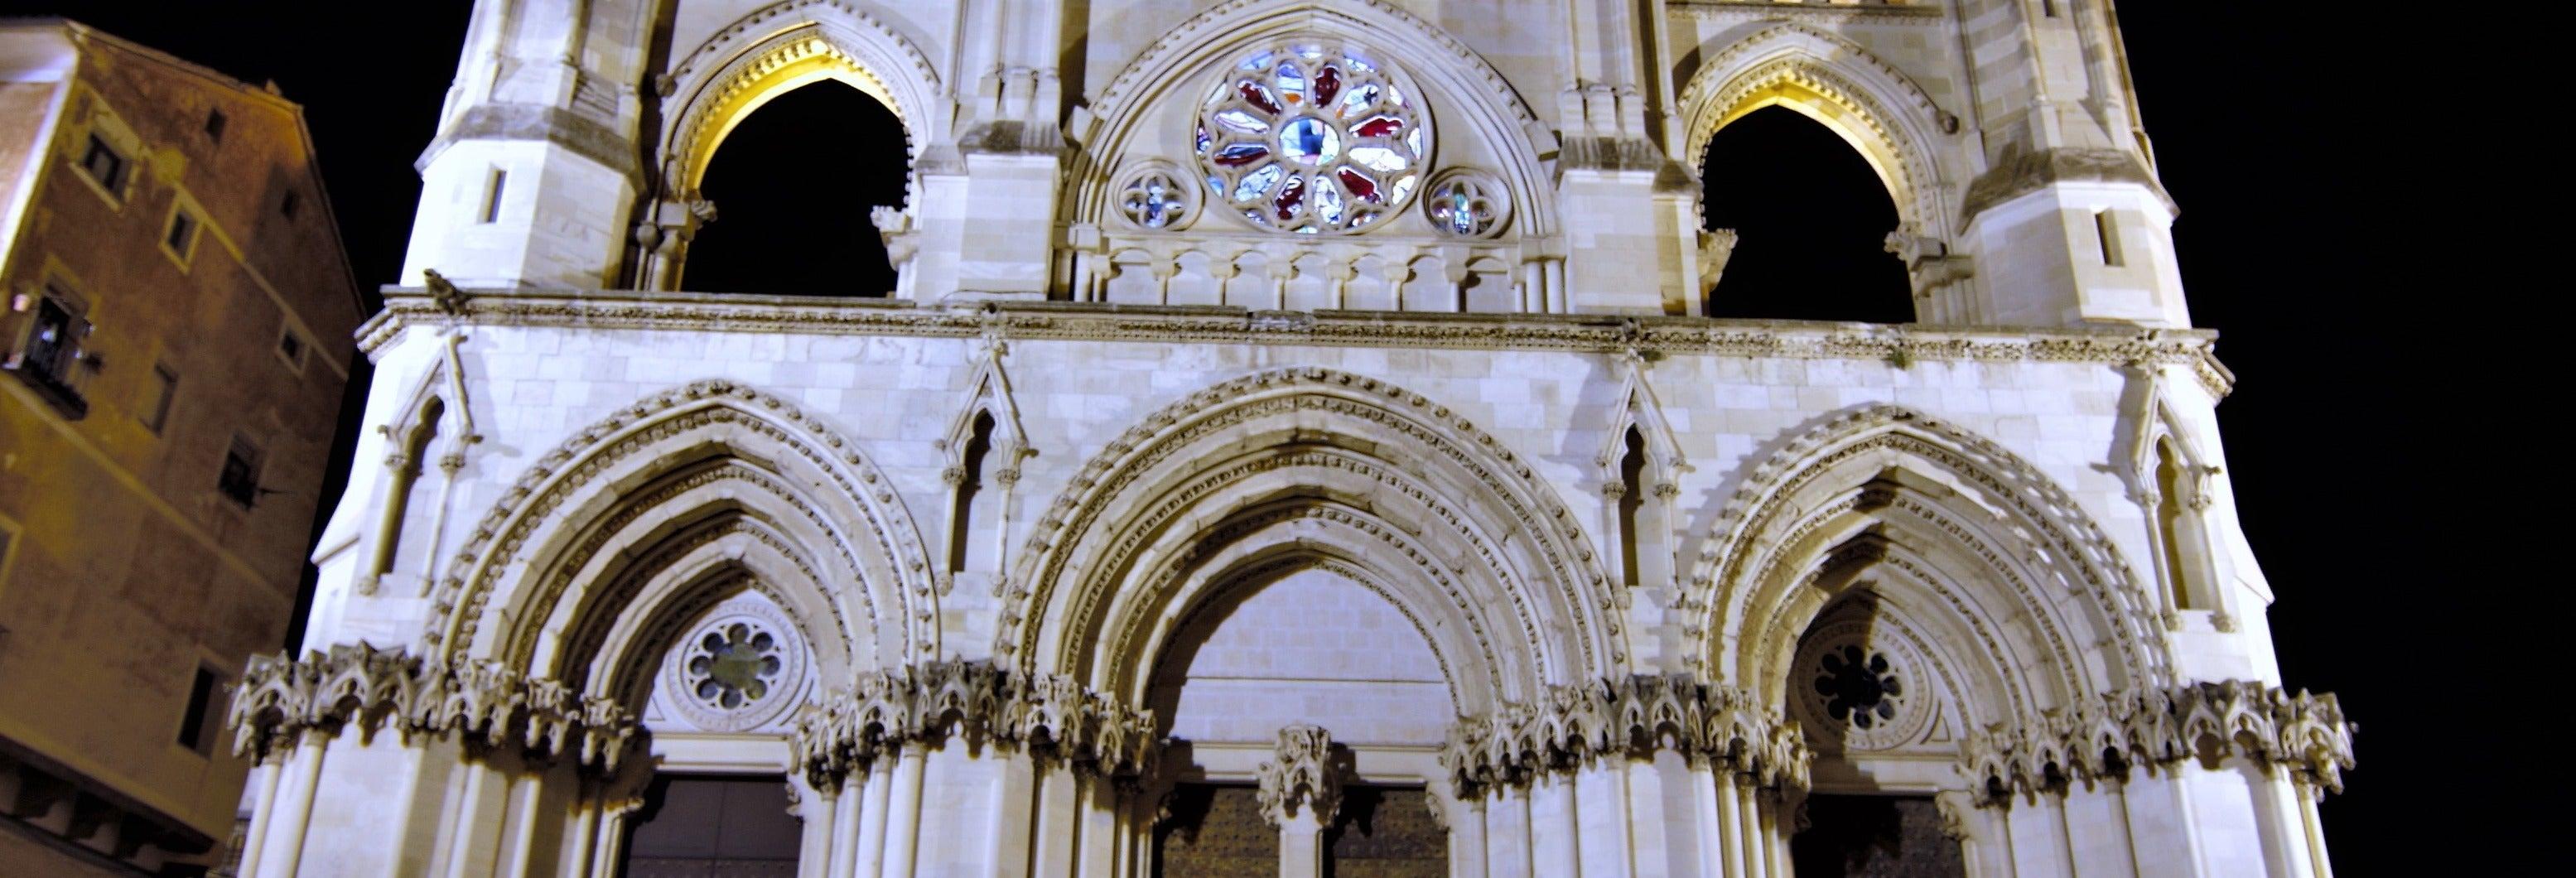 Tour noturno pela Catedral de Cuenca